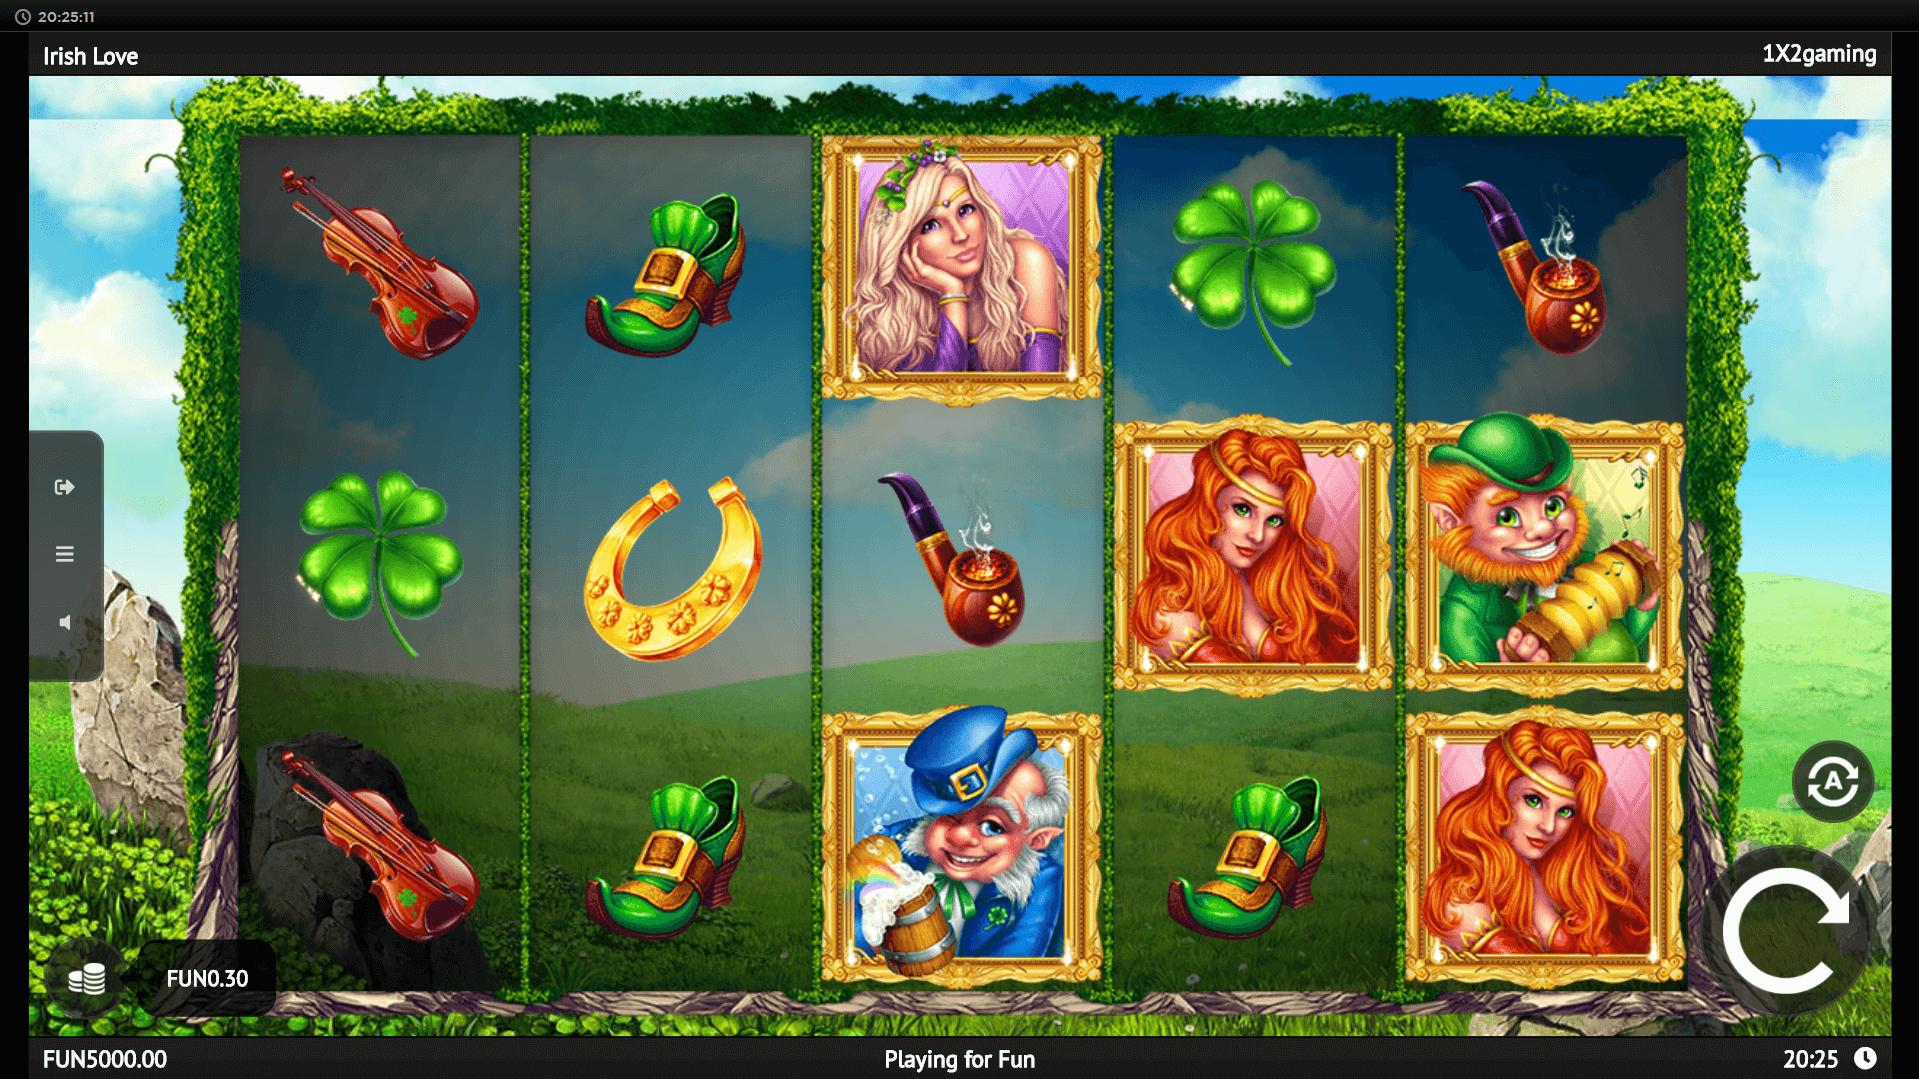 Irish Love slot machine screenshot